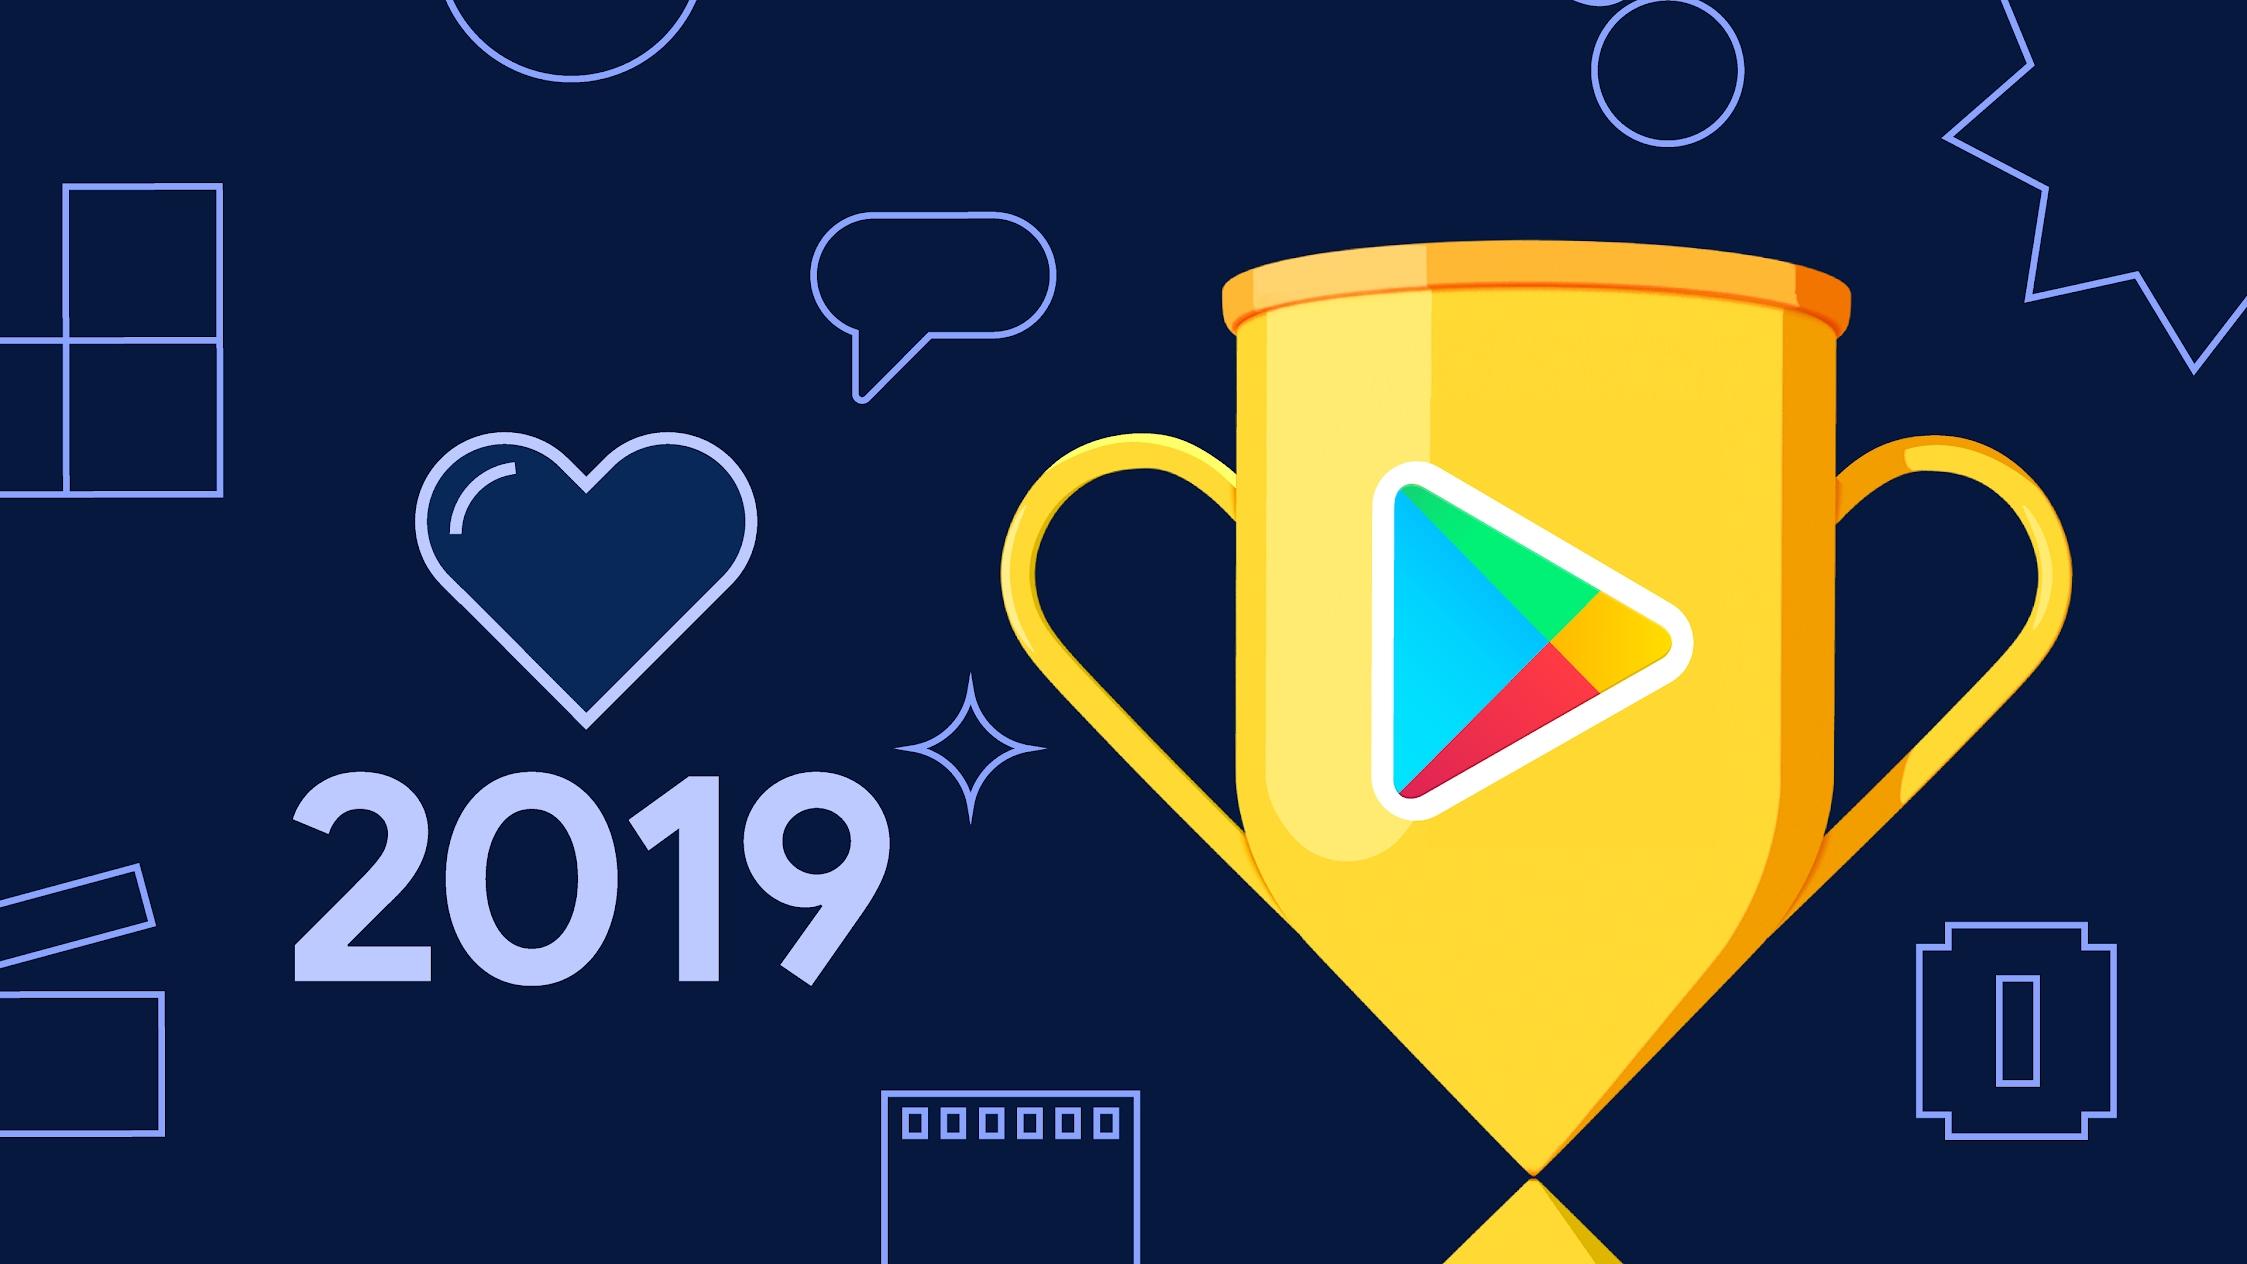 Google Play 2019最受欢迎应用公布